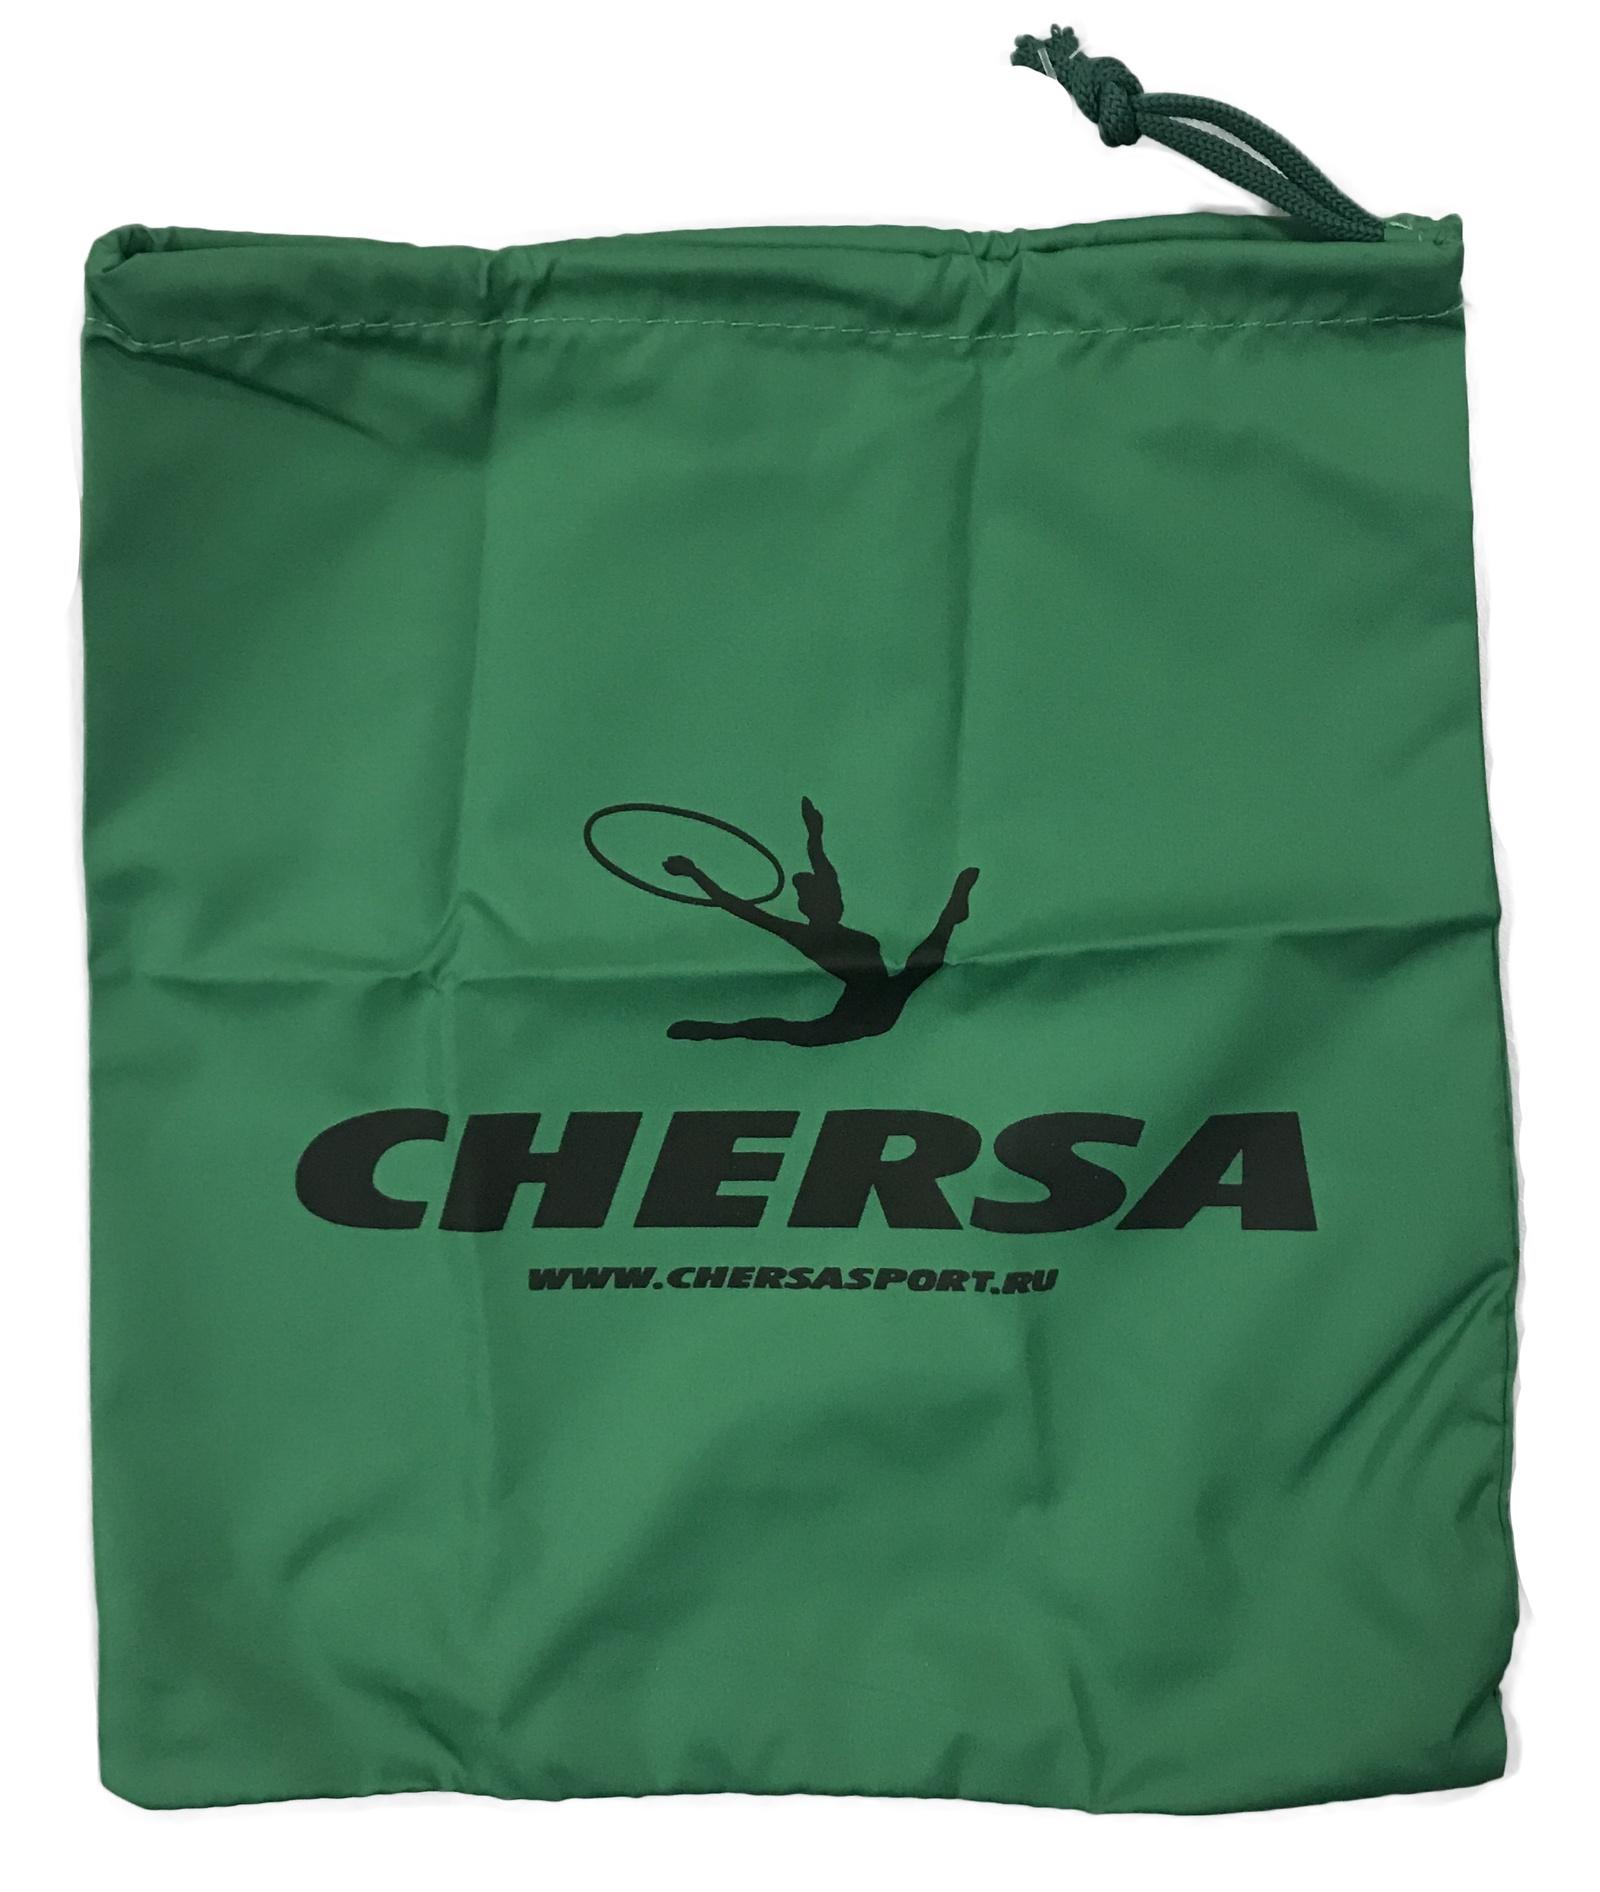 Чехол для гимнастической скакалки Chersa Чехол-скакалка, зеленый5848_зеленыйУдобный, легкий чехол для хранения скакалки из водонепроницаемого материала на эластичном шнурке.